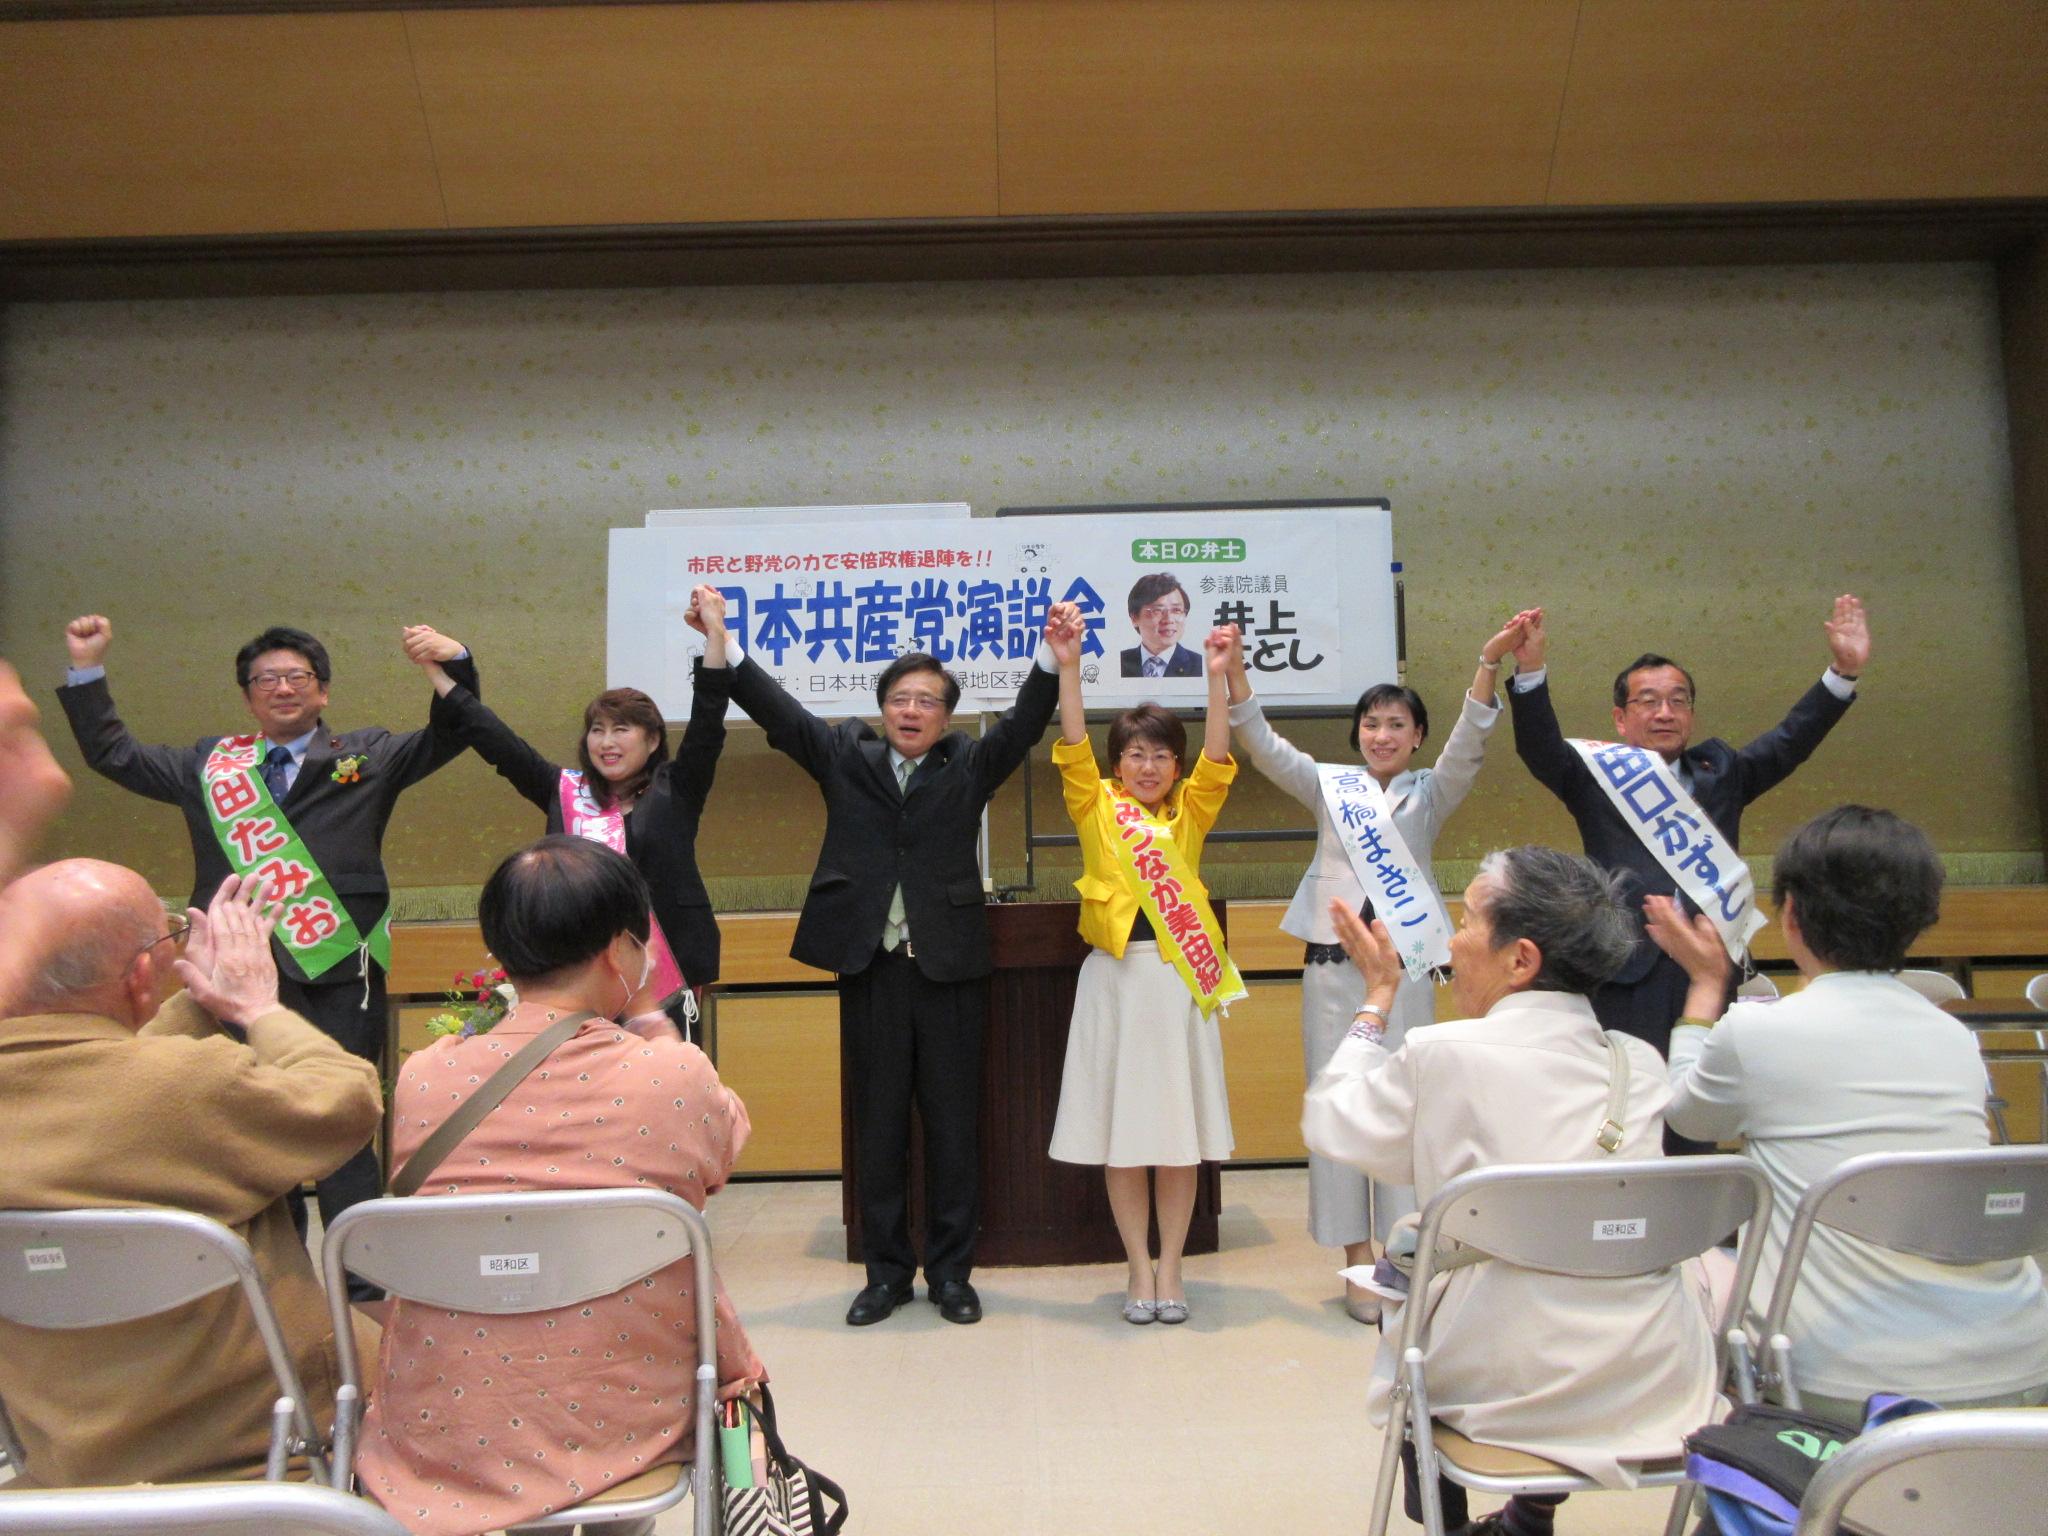 http://www.inoue-satoshi.com/diary/IMG_4235.JPG